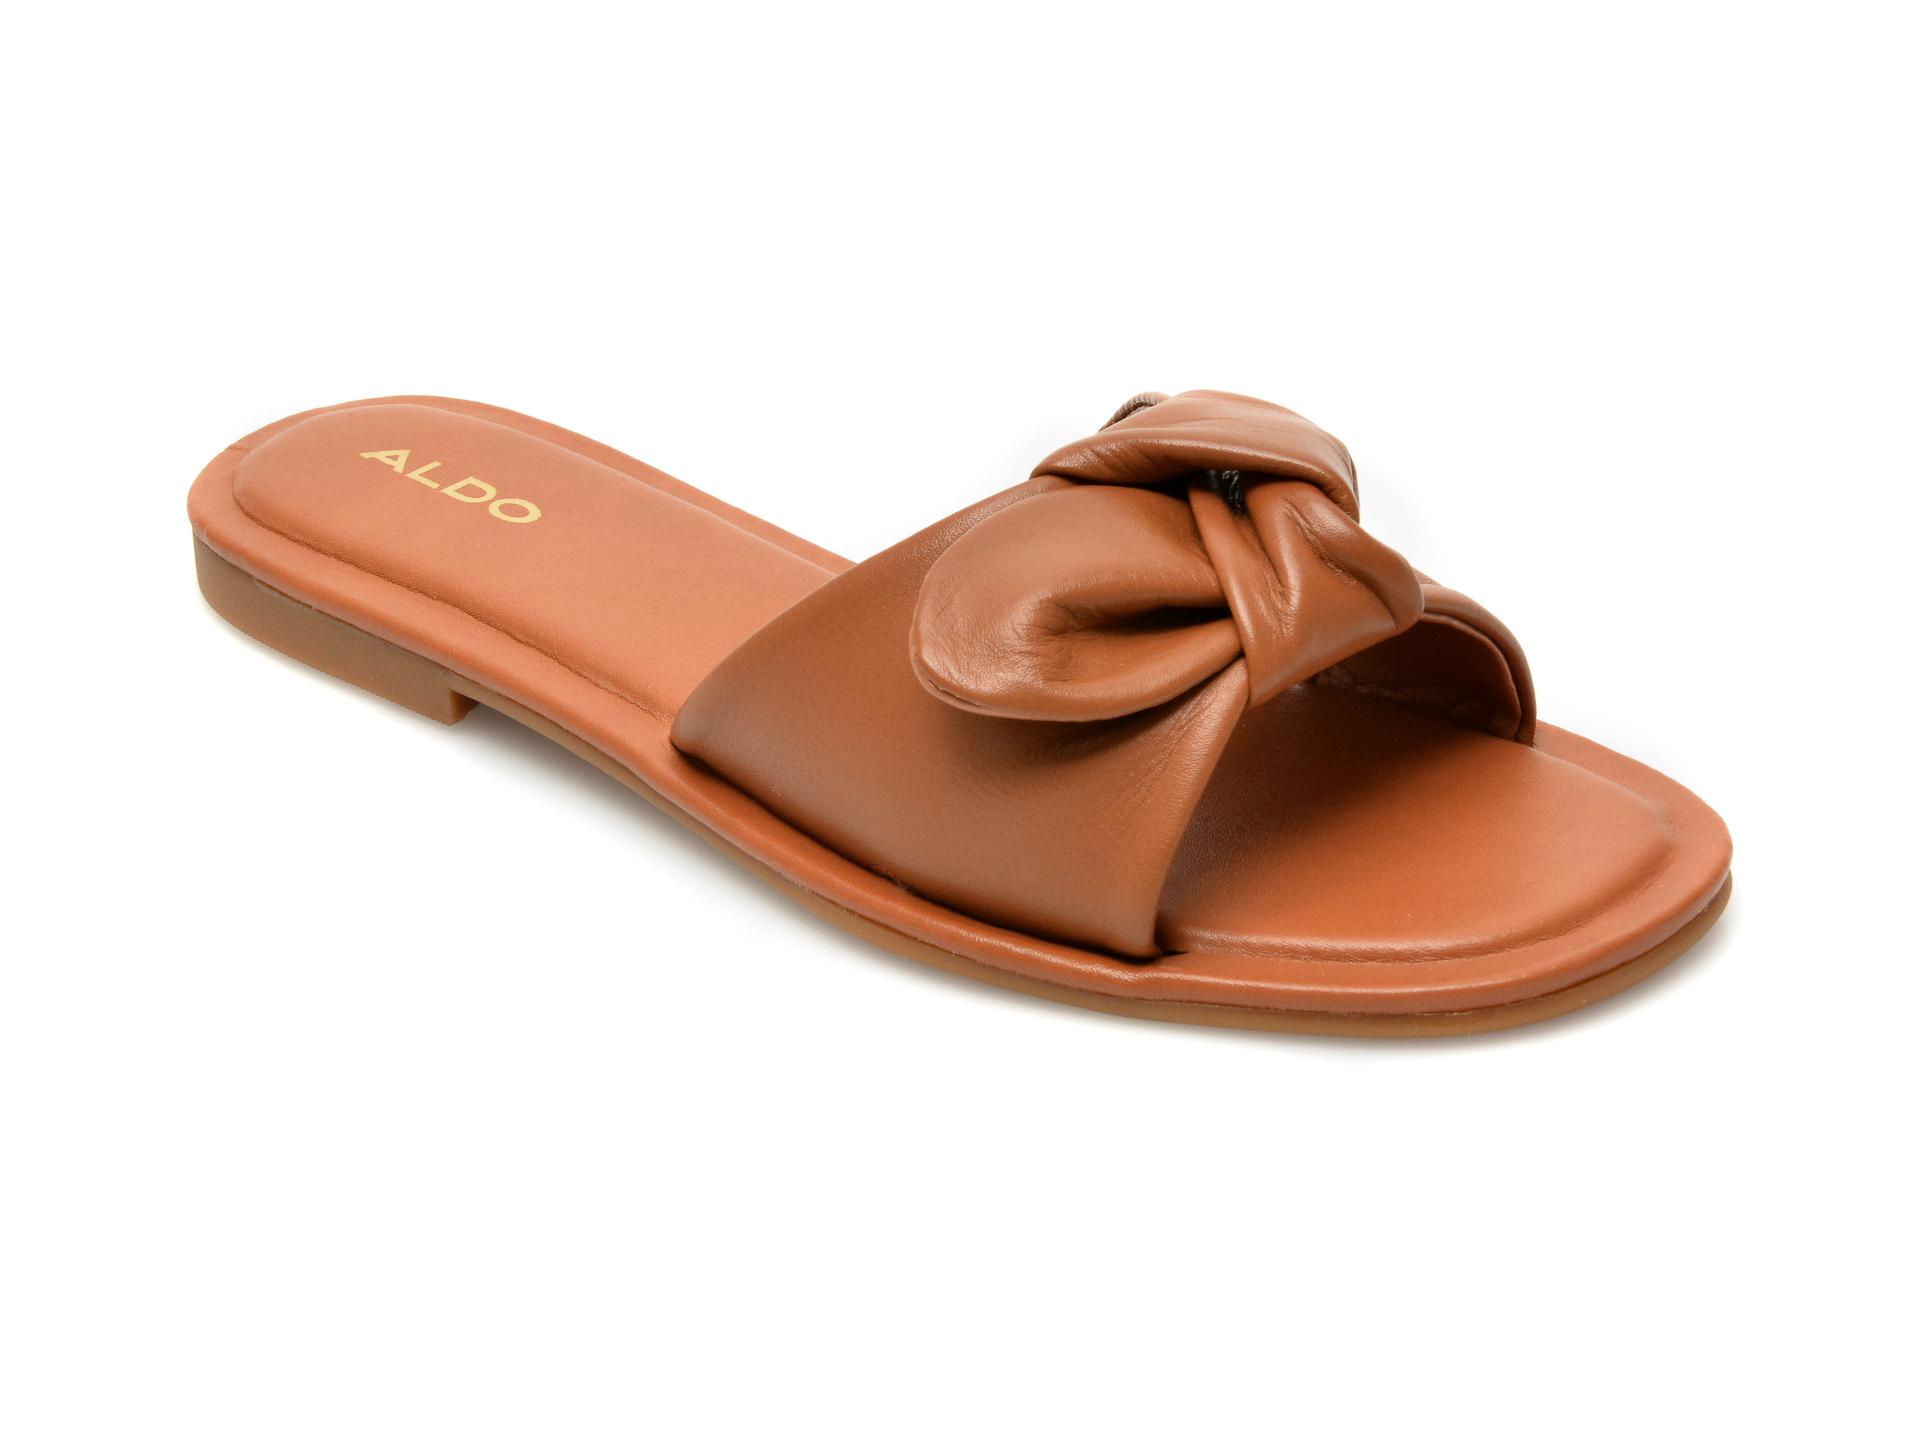 Papuci ALDO maro, 13191065, din piele naturala imagine otter.ro